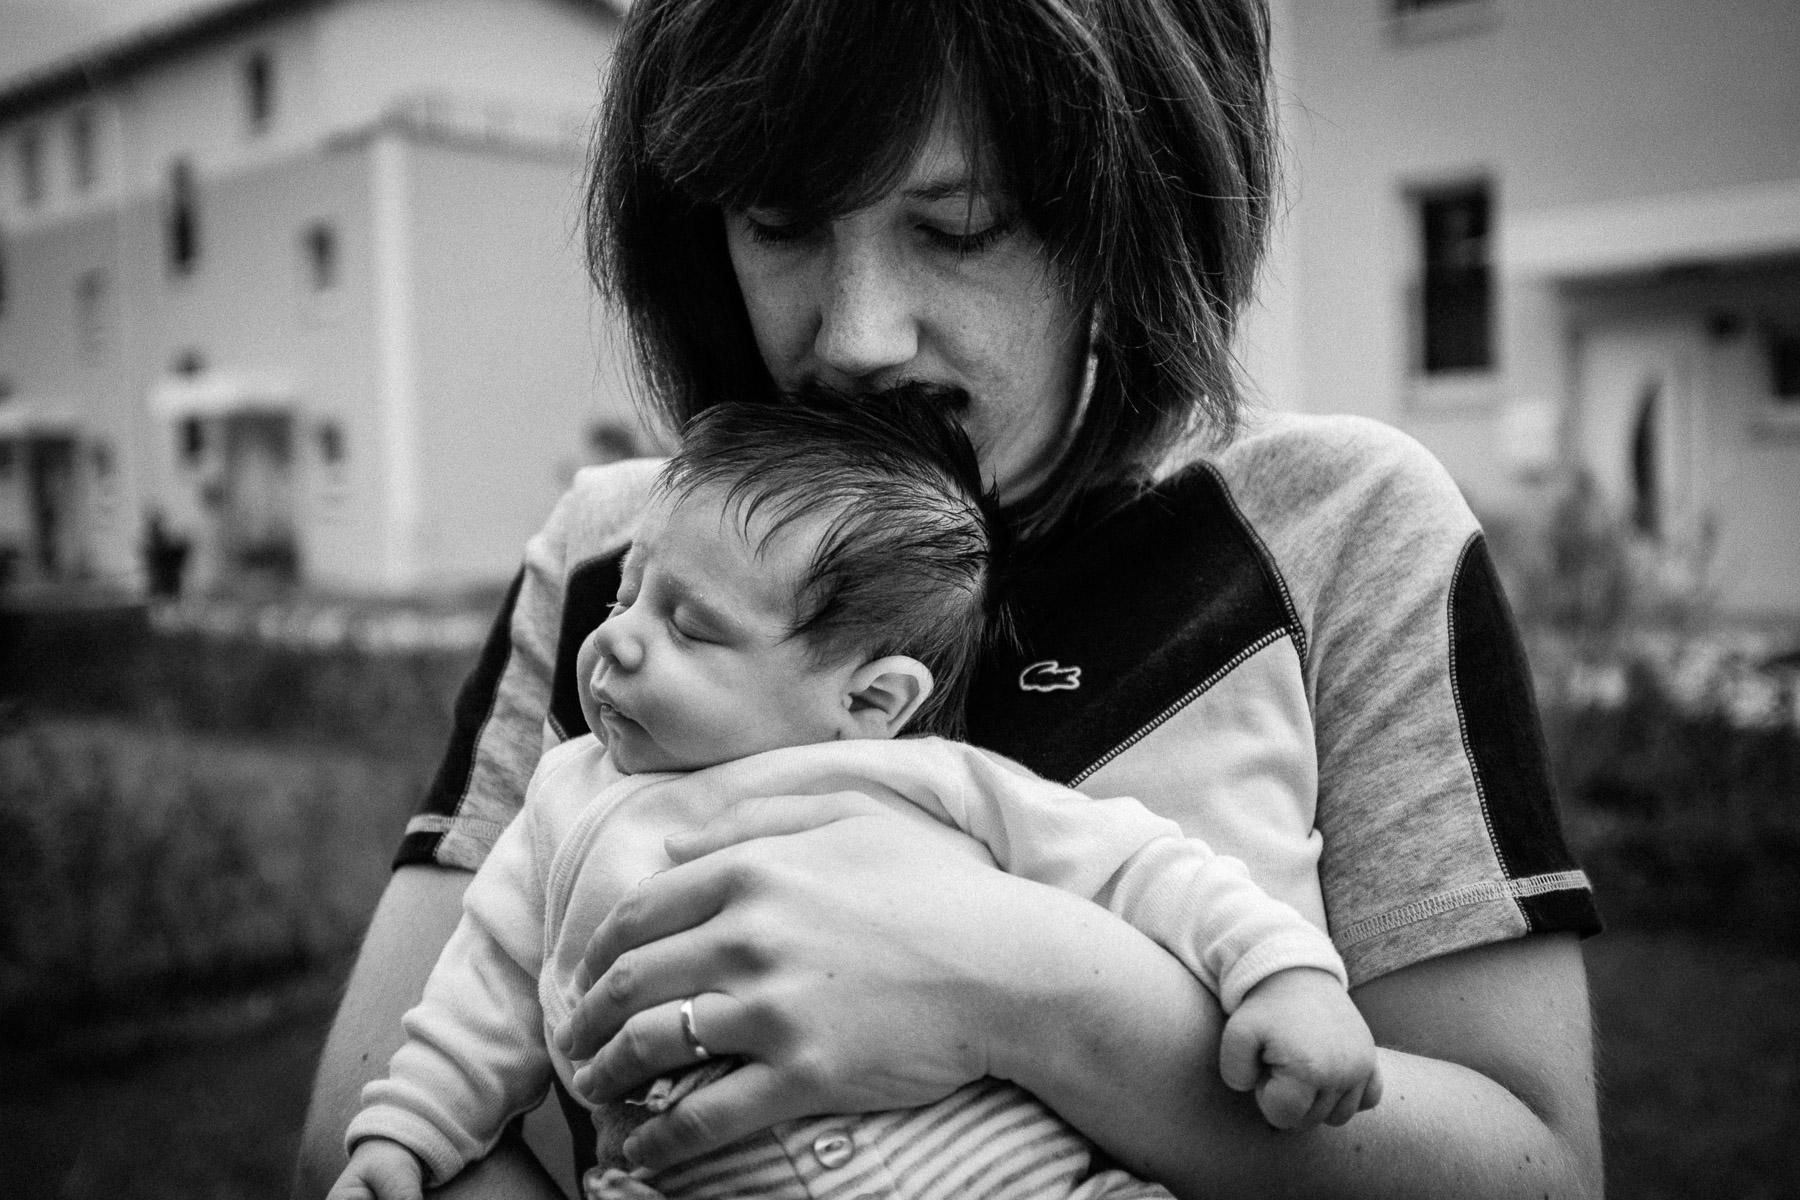 Martin_Liebl_Kein_Familienfotograf_M_Blog_17.jpg